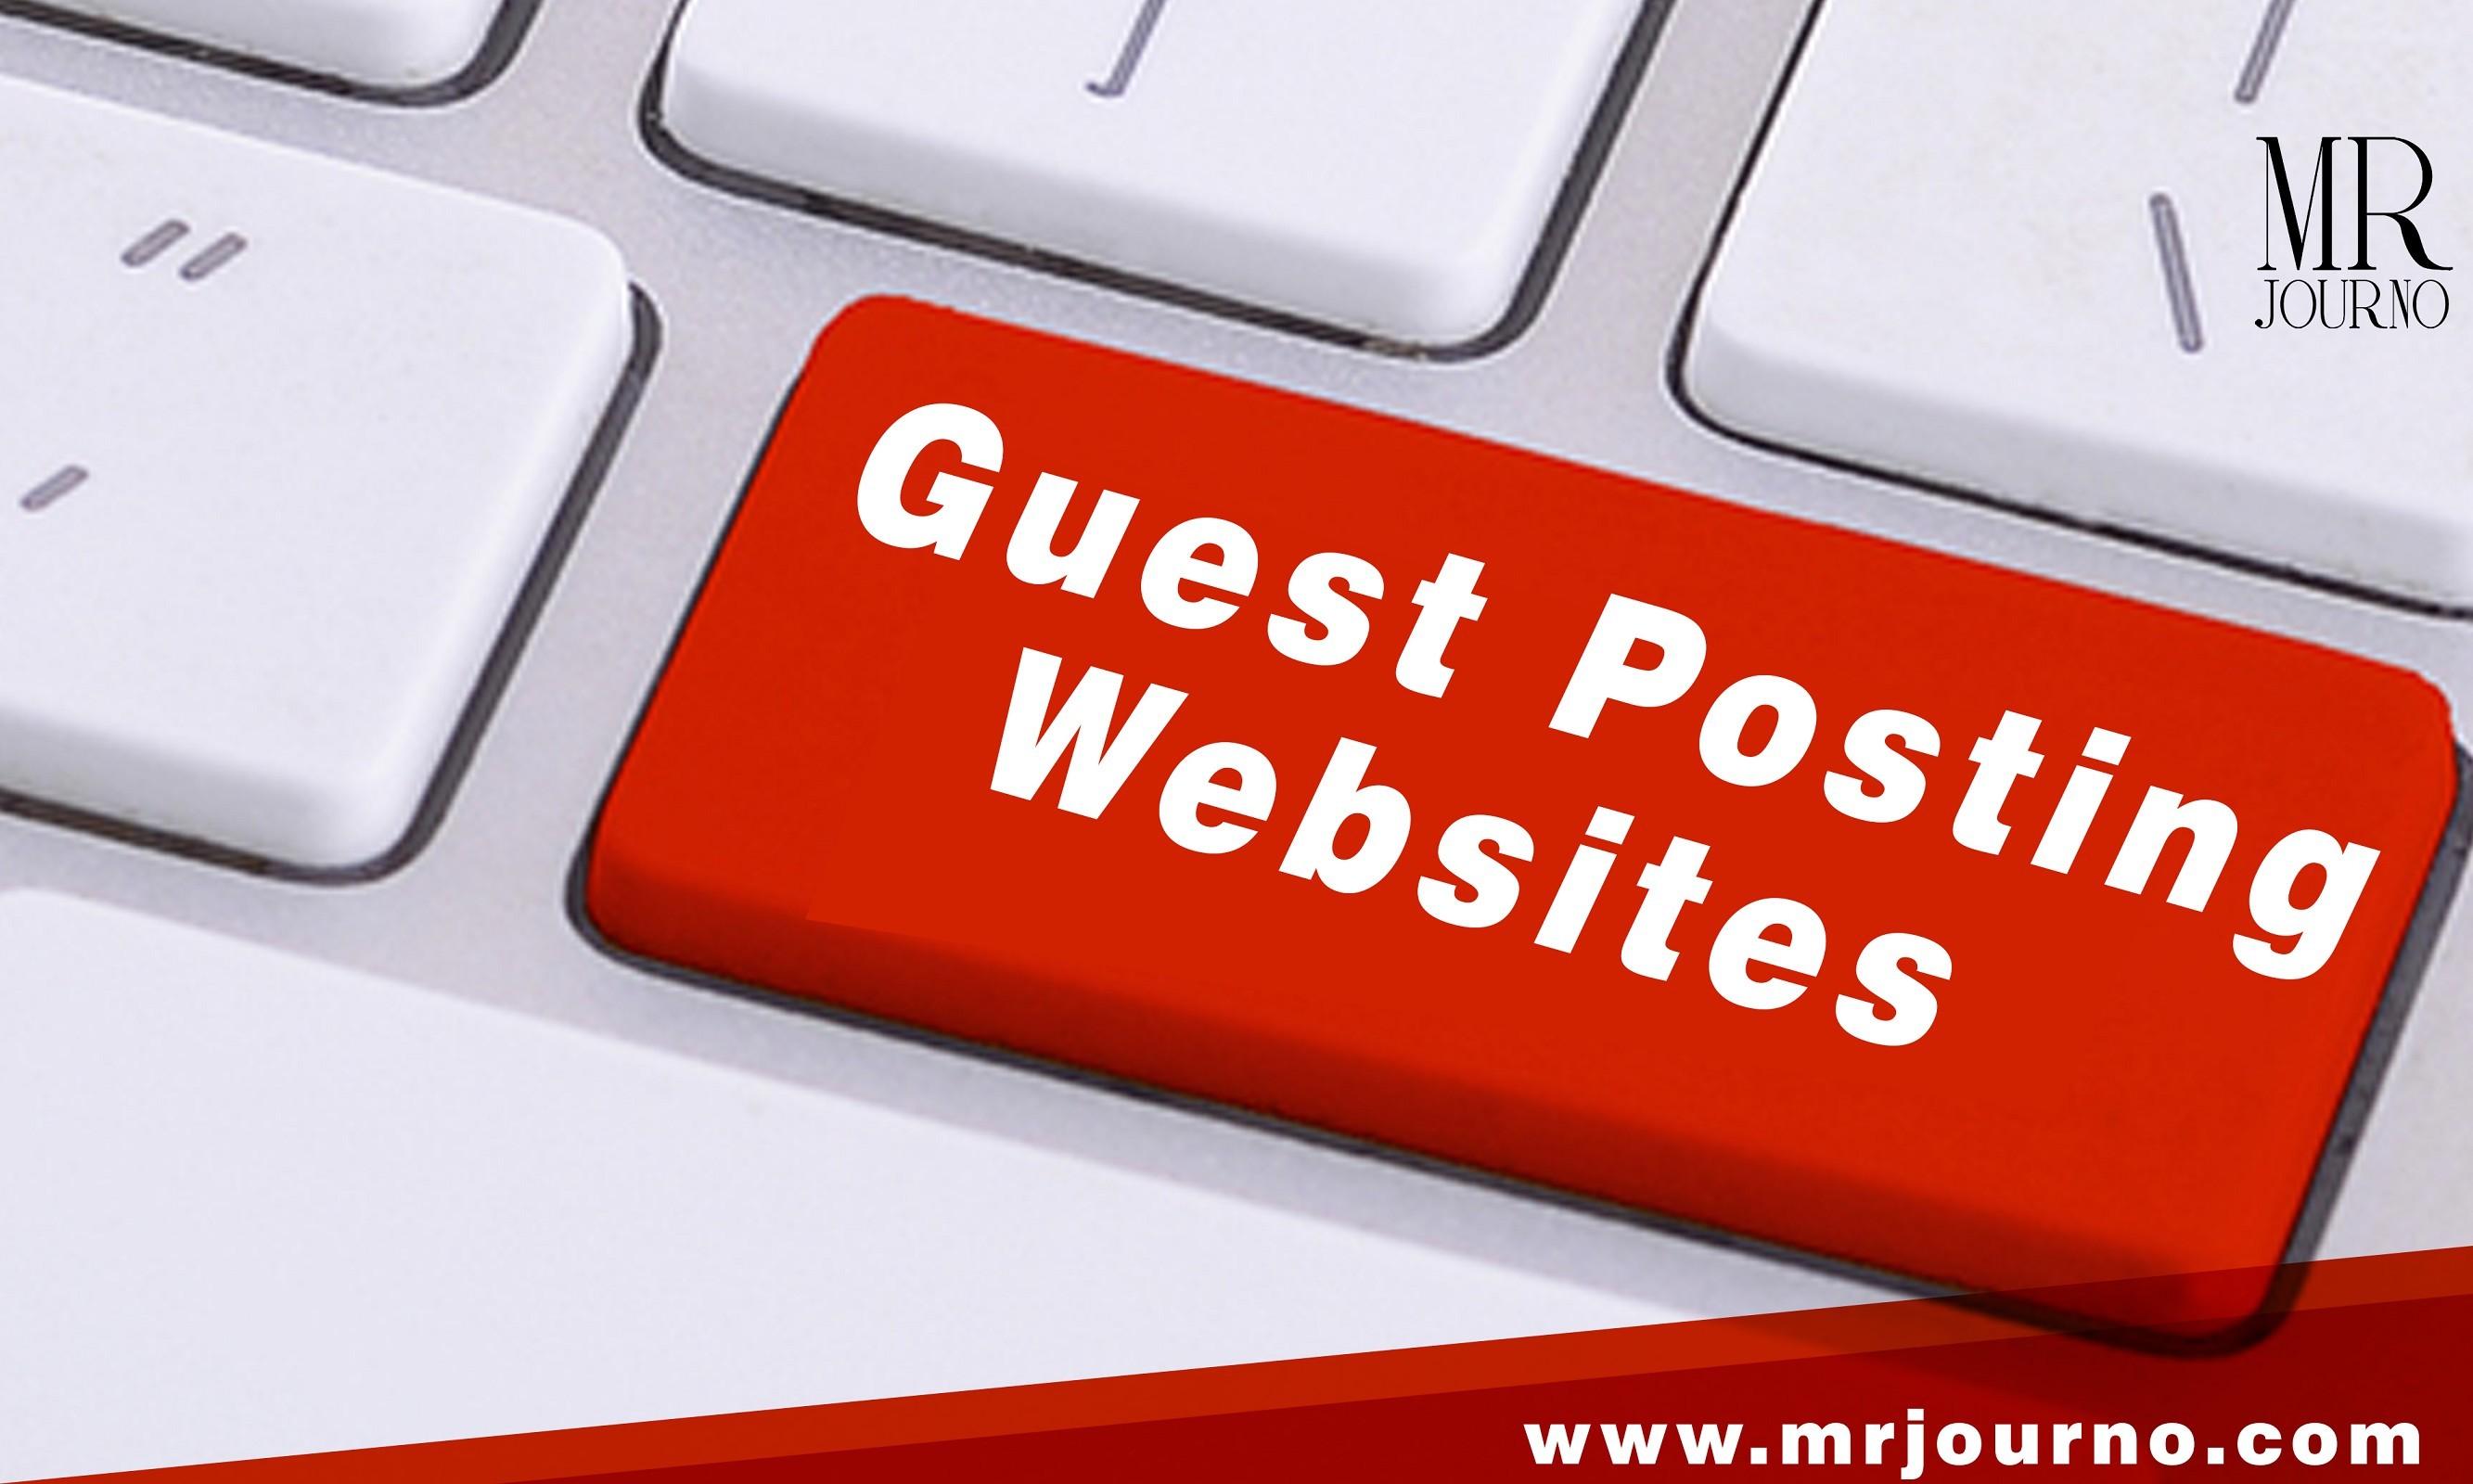 Best Guest Posting Websites 2021